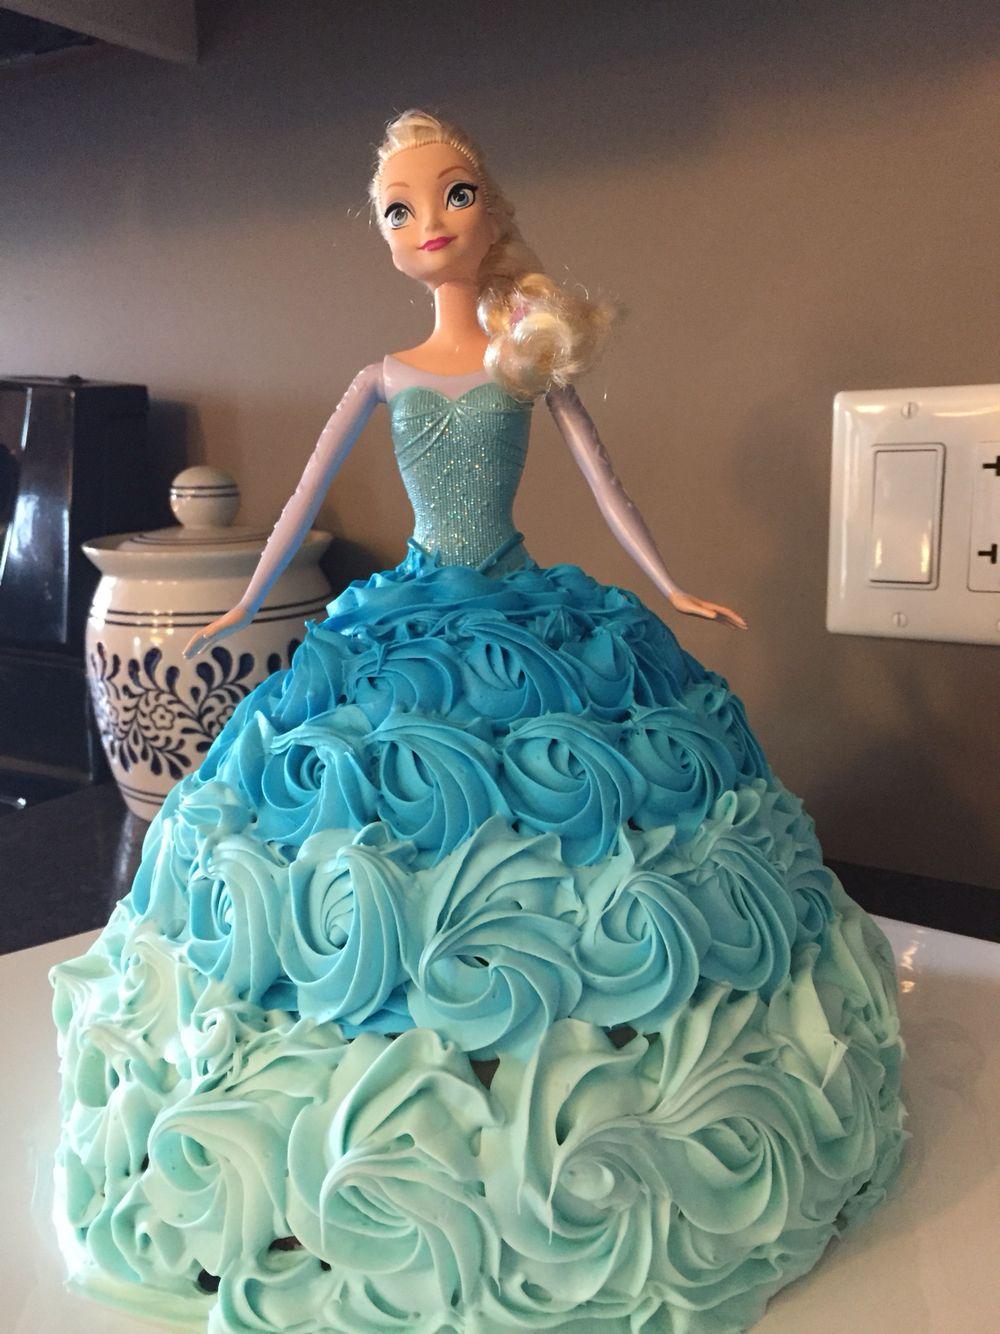 Queen Elsa Cake Elsa cakes, Doll cake, Frozen cake